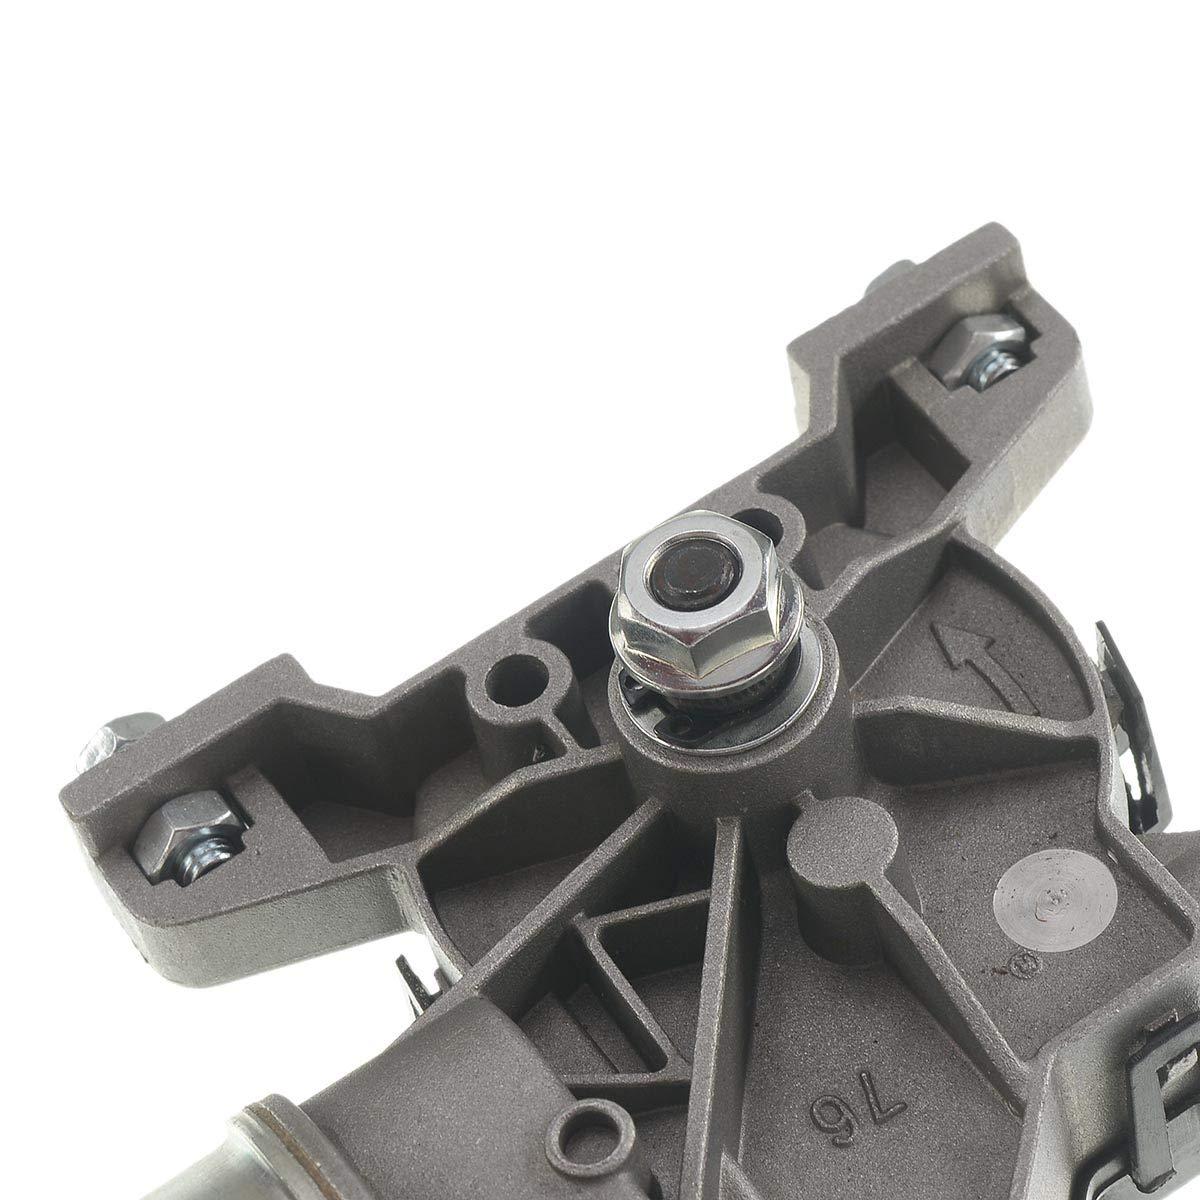 Magneti Marelli Motorino tergicristallo anteriore per 500 C 500//595//695 312/_ Bravo II 198 198/_ Delta III 844 2007-2019 77364424